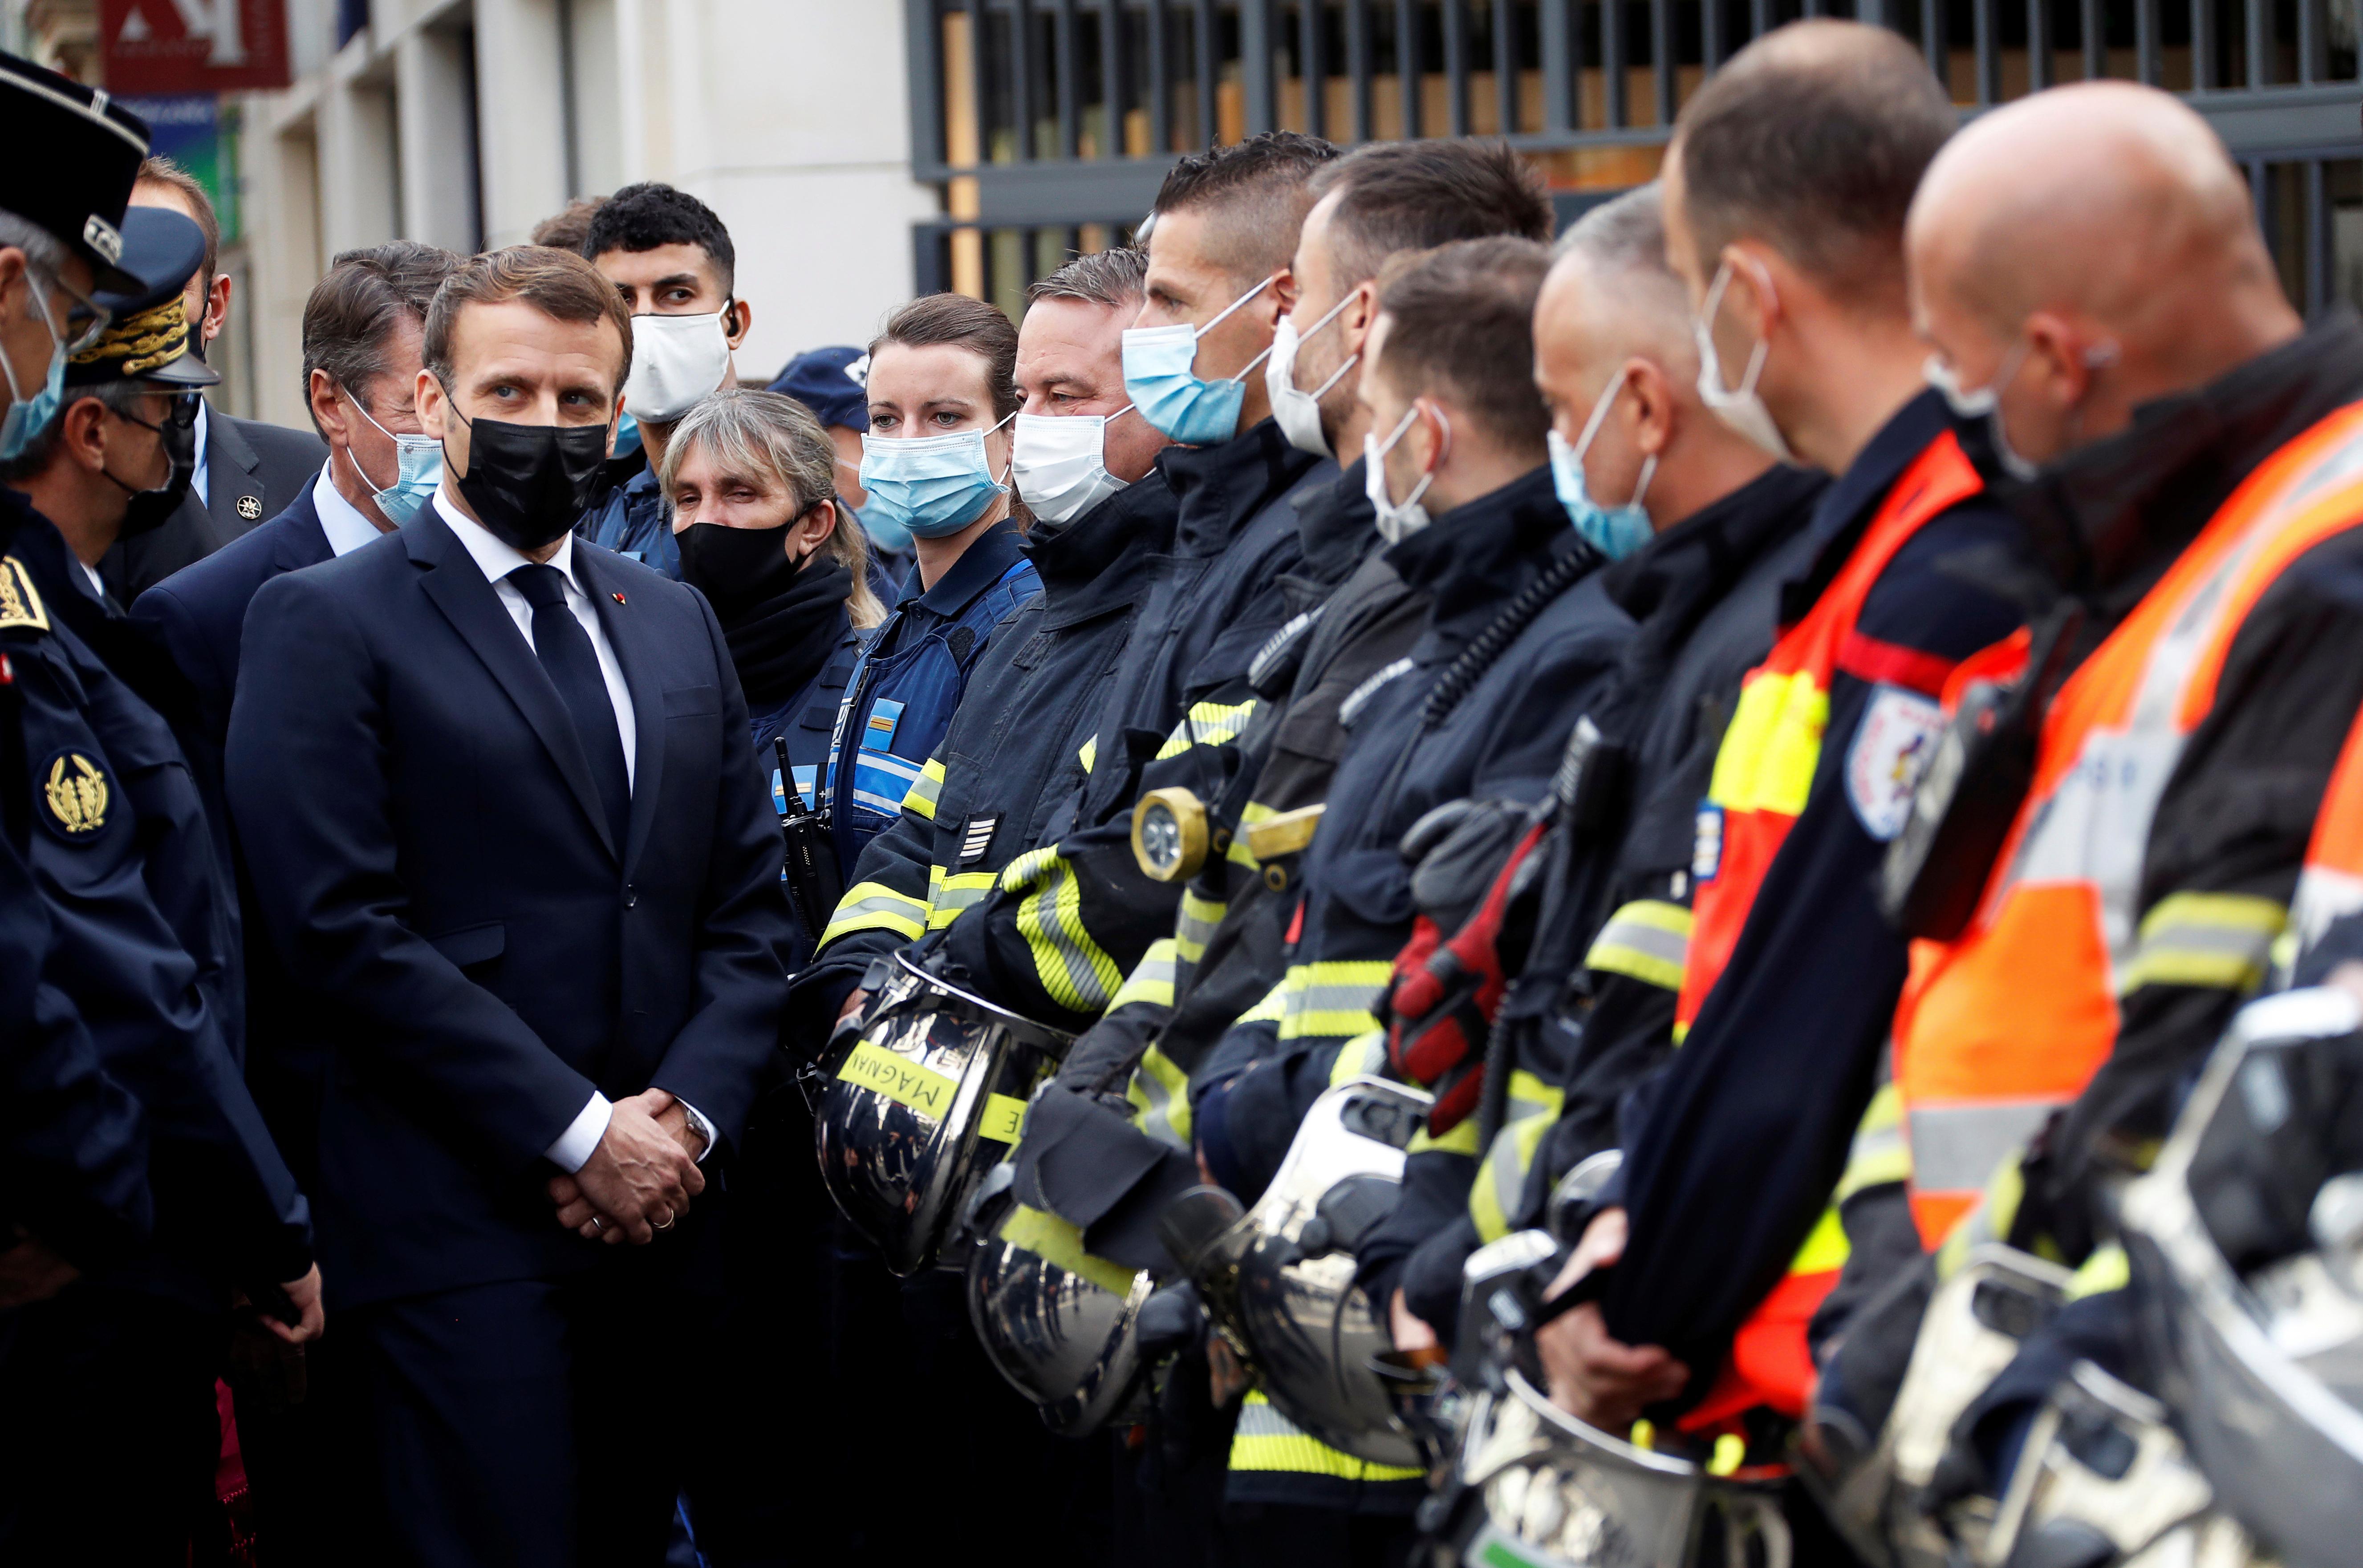 El presidente francés Emmanuel Macron se reúne con los rescatistas el jueves después de los ataques